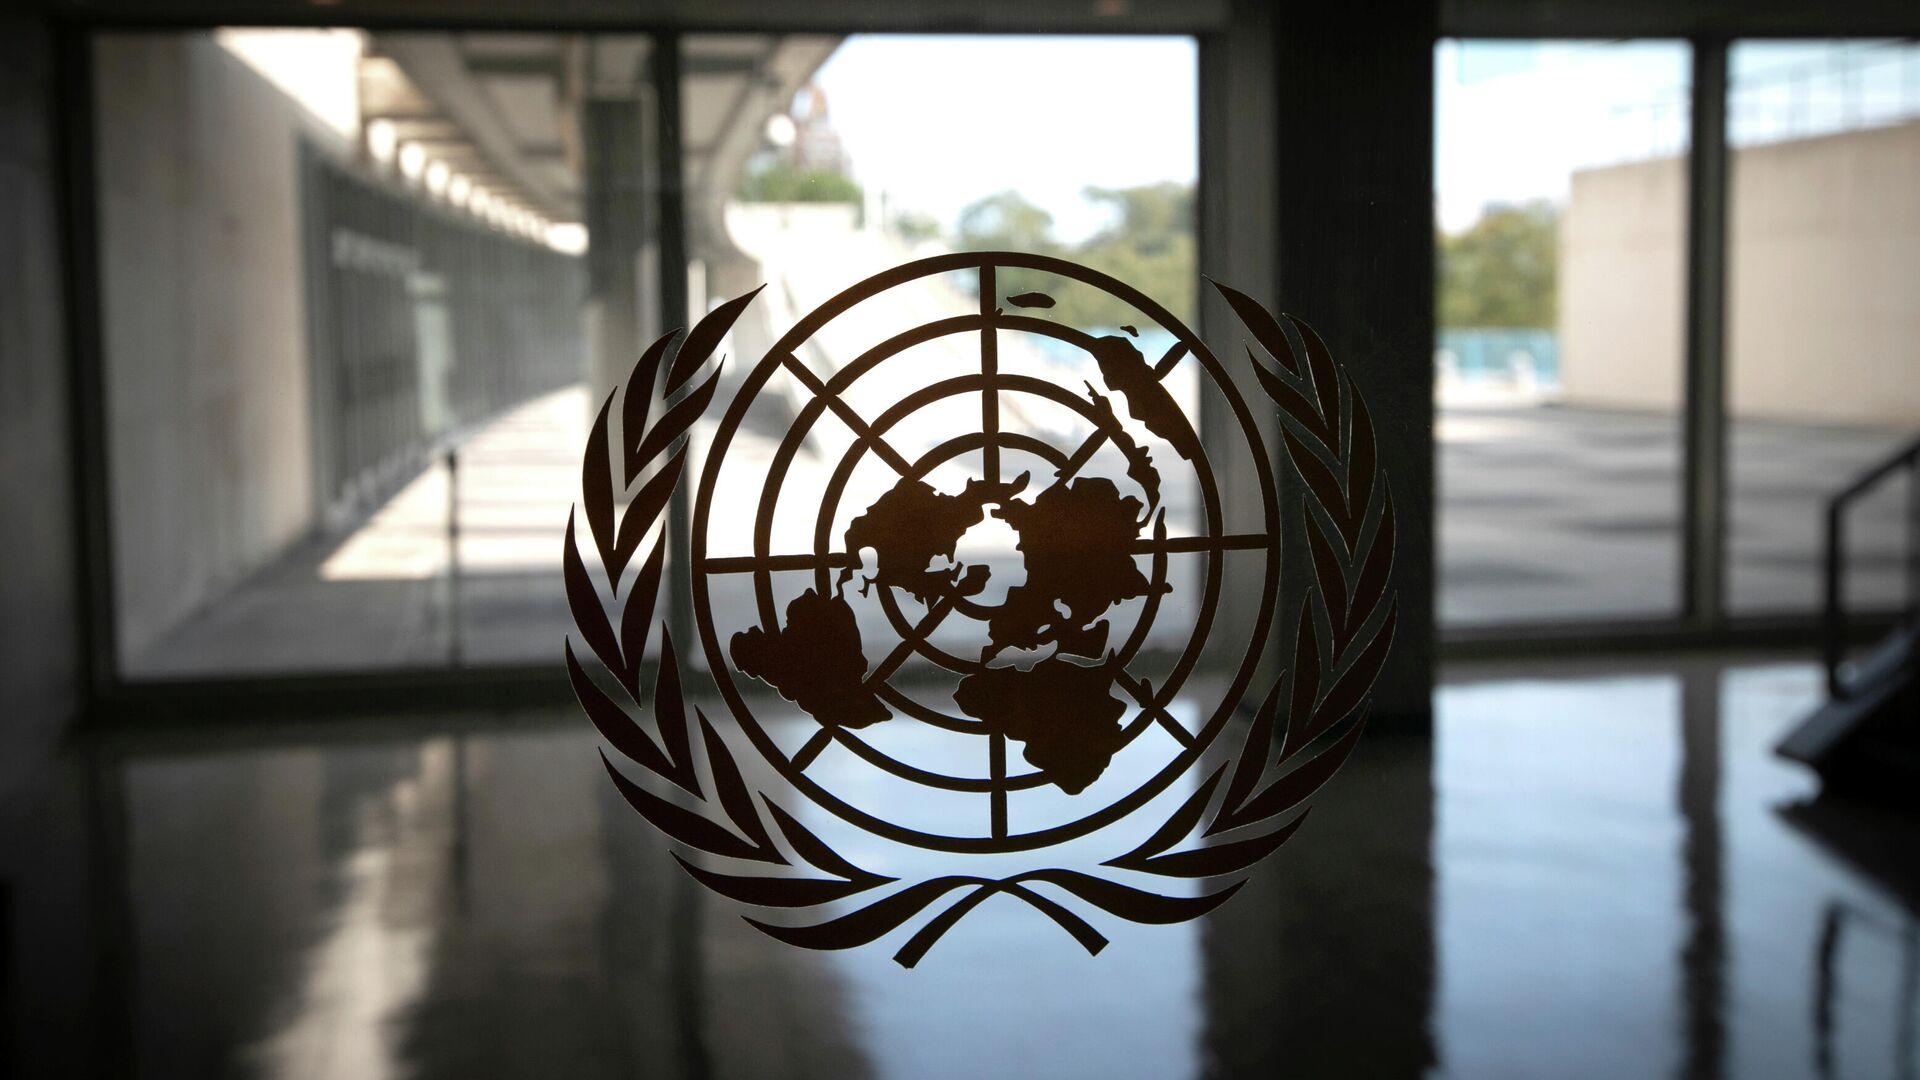 Логотип ООН в здании штаб-квартиры организации в Нью-Йорке - РИА Новости, 1920, 01.10.2020